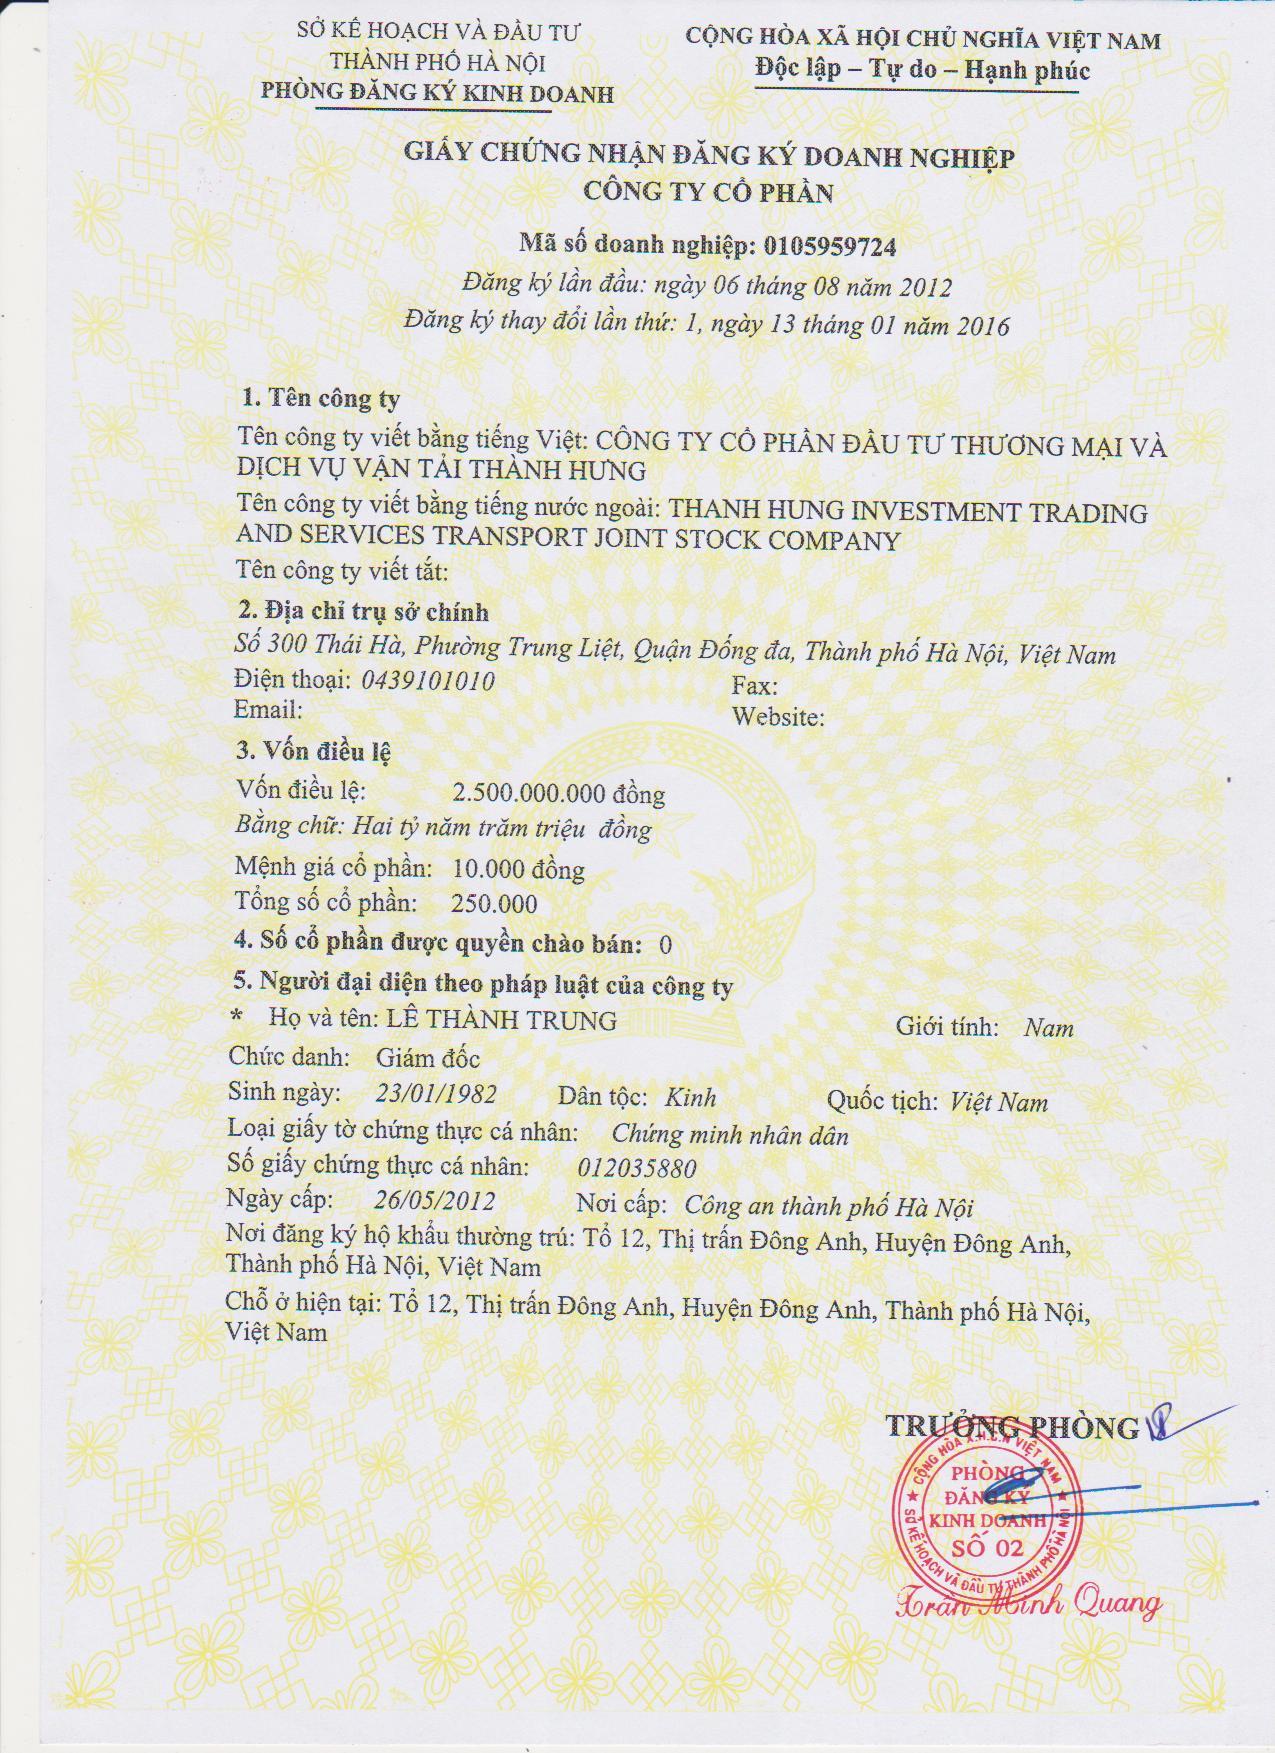 Giấy phép đăng ký kinh doanh chuyển nhà Thành Hưng